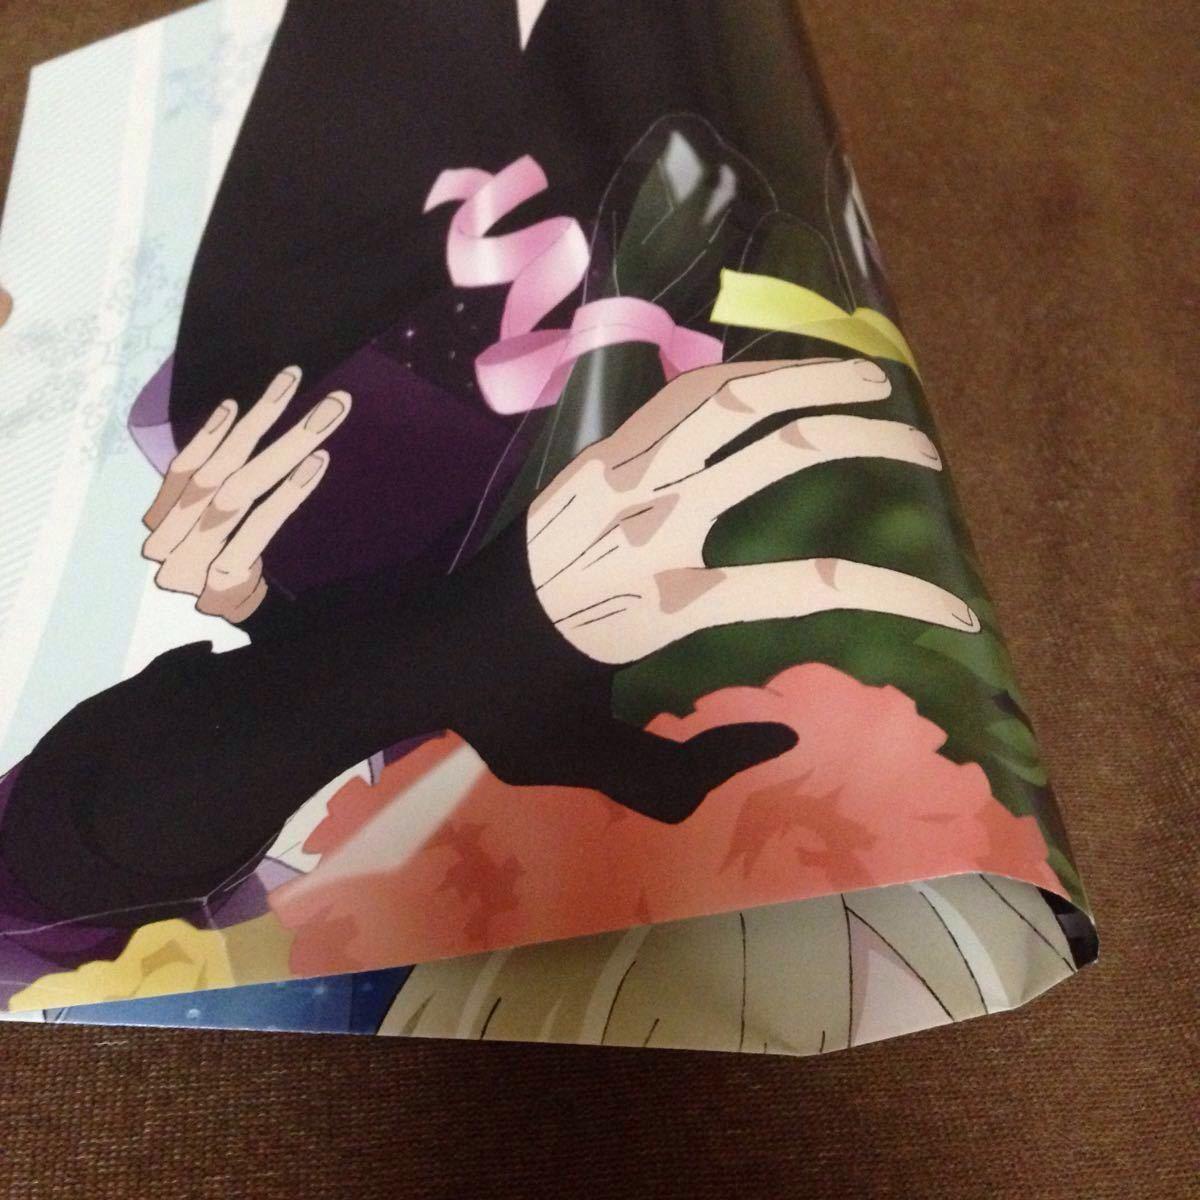 ユーリ!!! on ICE  特大 ピンナップポスター  勝生勇利 ヴィクトル ユリオ プリセツキー  オトメビジュアル 2017年 付録 47.5×36.3cm_折丸めて発送致します